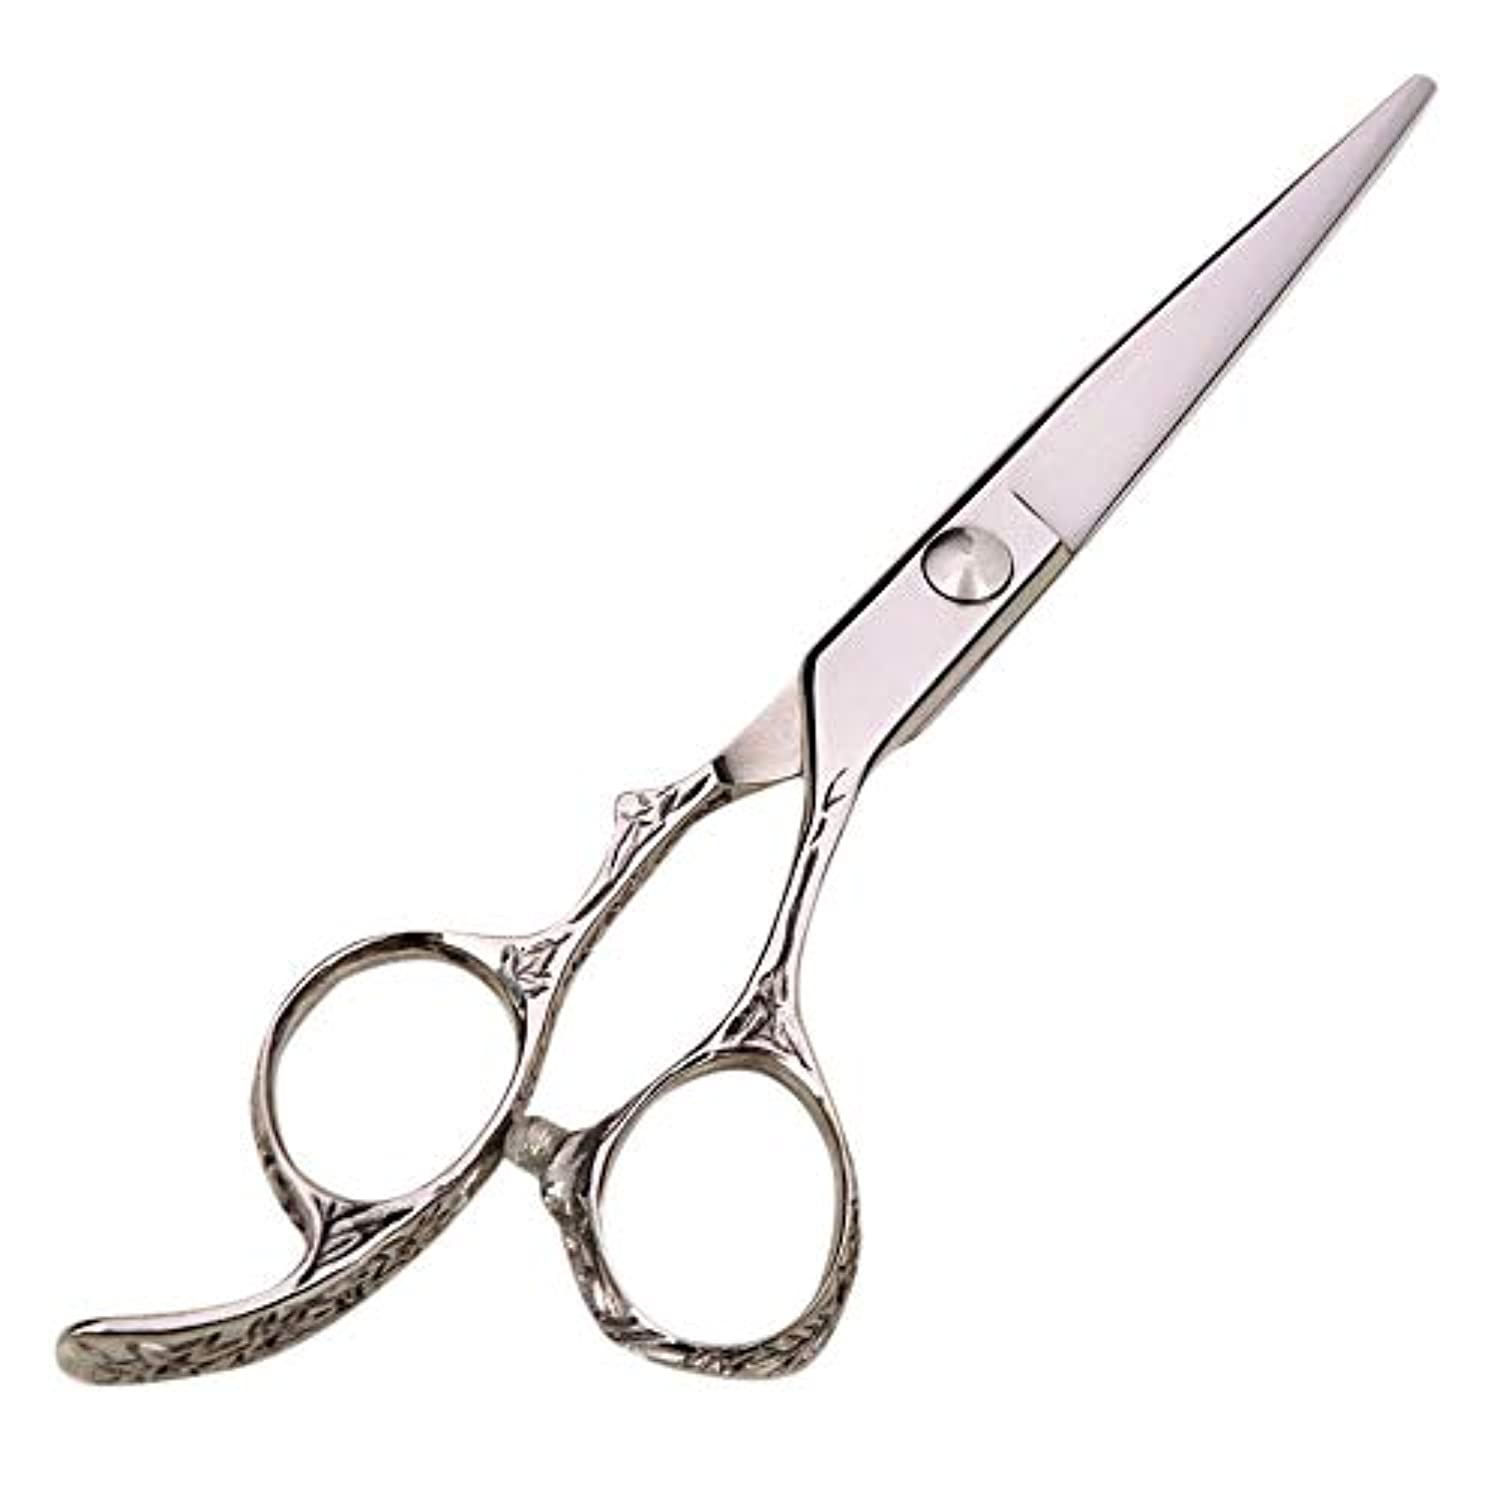 入力喜劇名目上の6インチハイエンドプロフェッショナル理髪はさみ、美容院理髪ツール ヘアケア (色 : Silver)